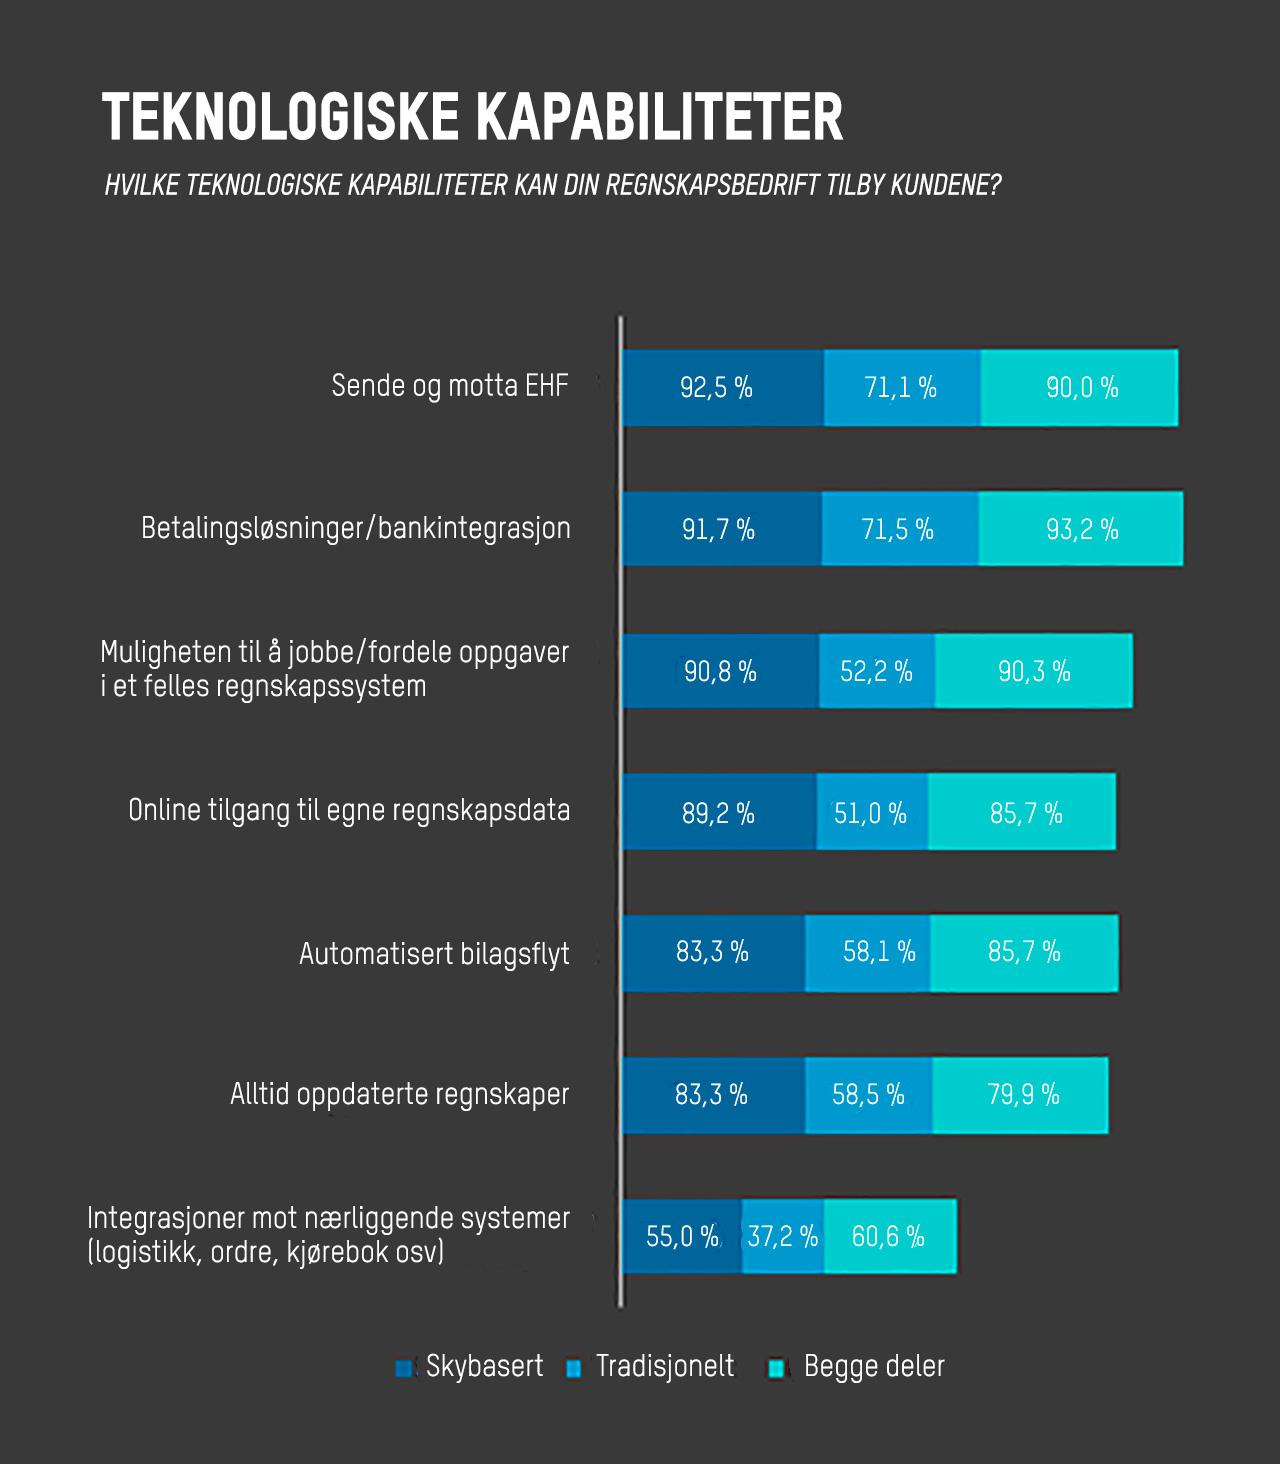 Teknologiske kapabiliteter